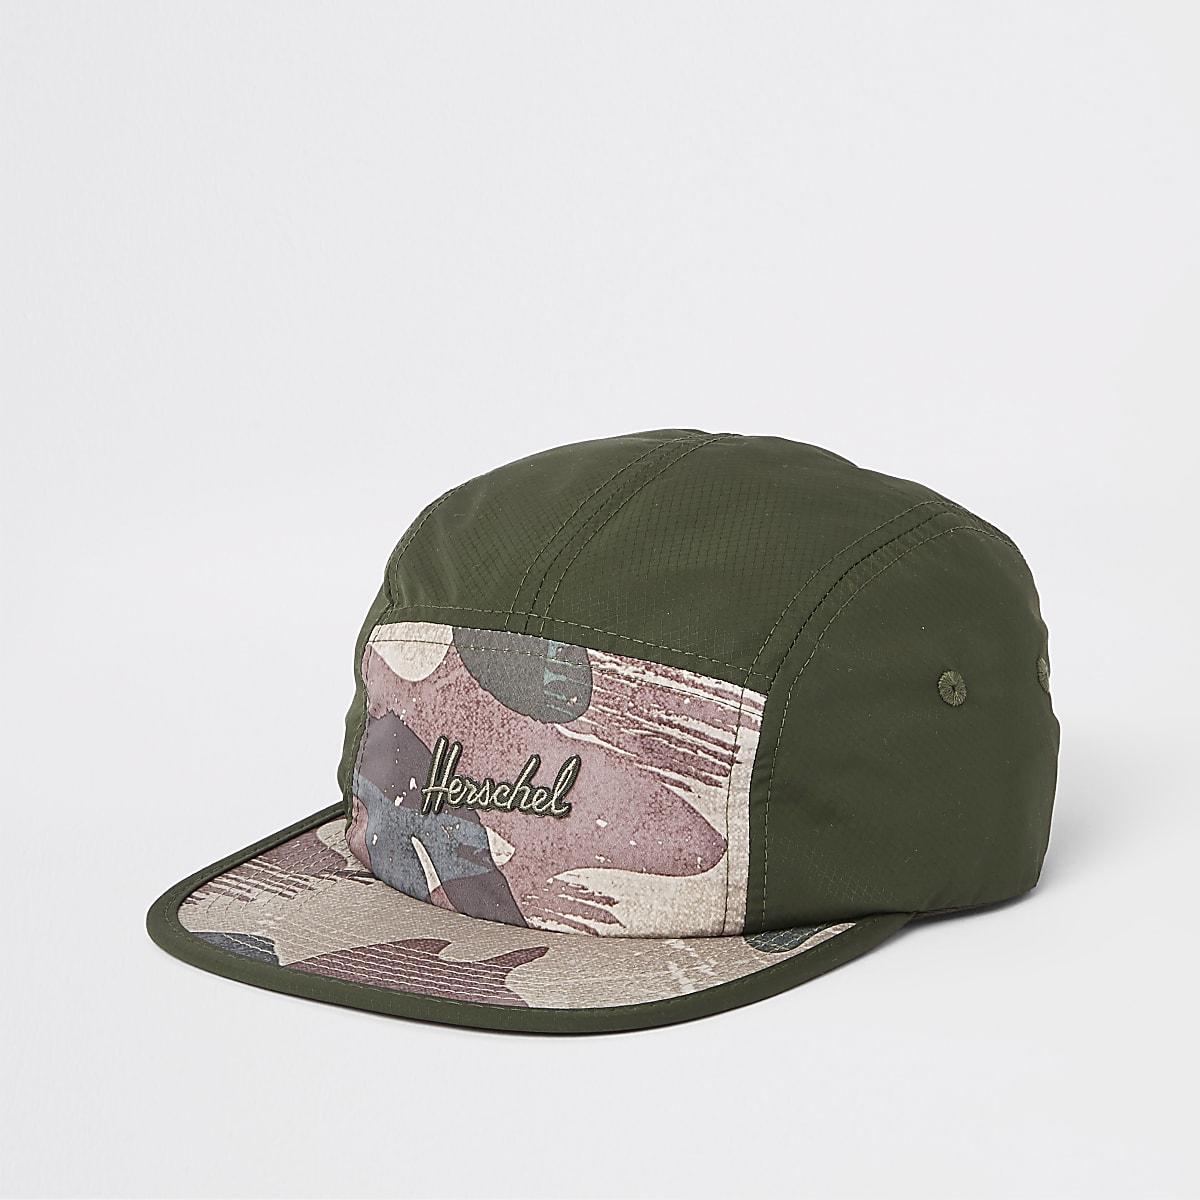 b6613594cdd Herschel – Glendale – Casquette imprimé camouflage verte - Chapeaux ...